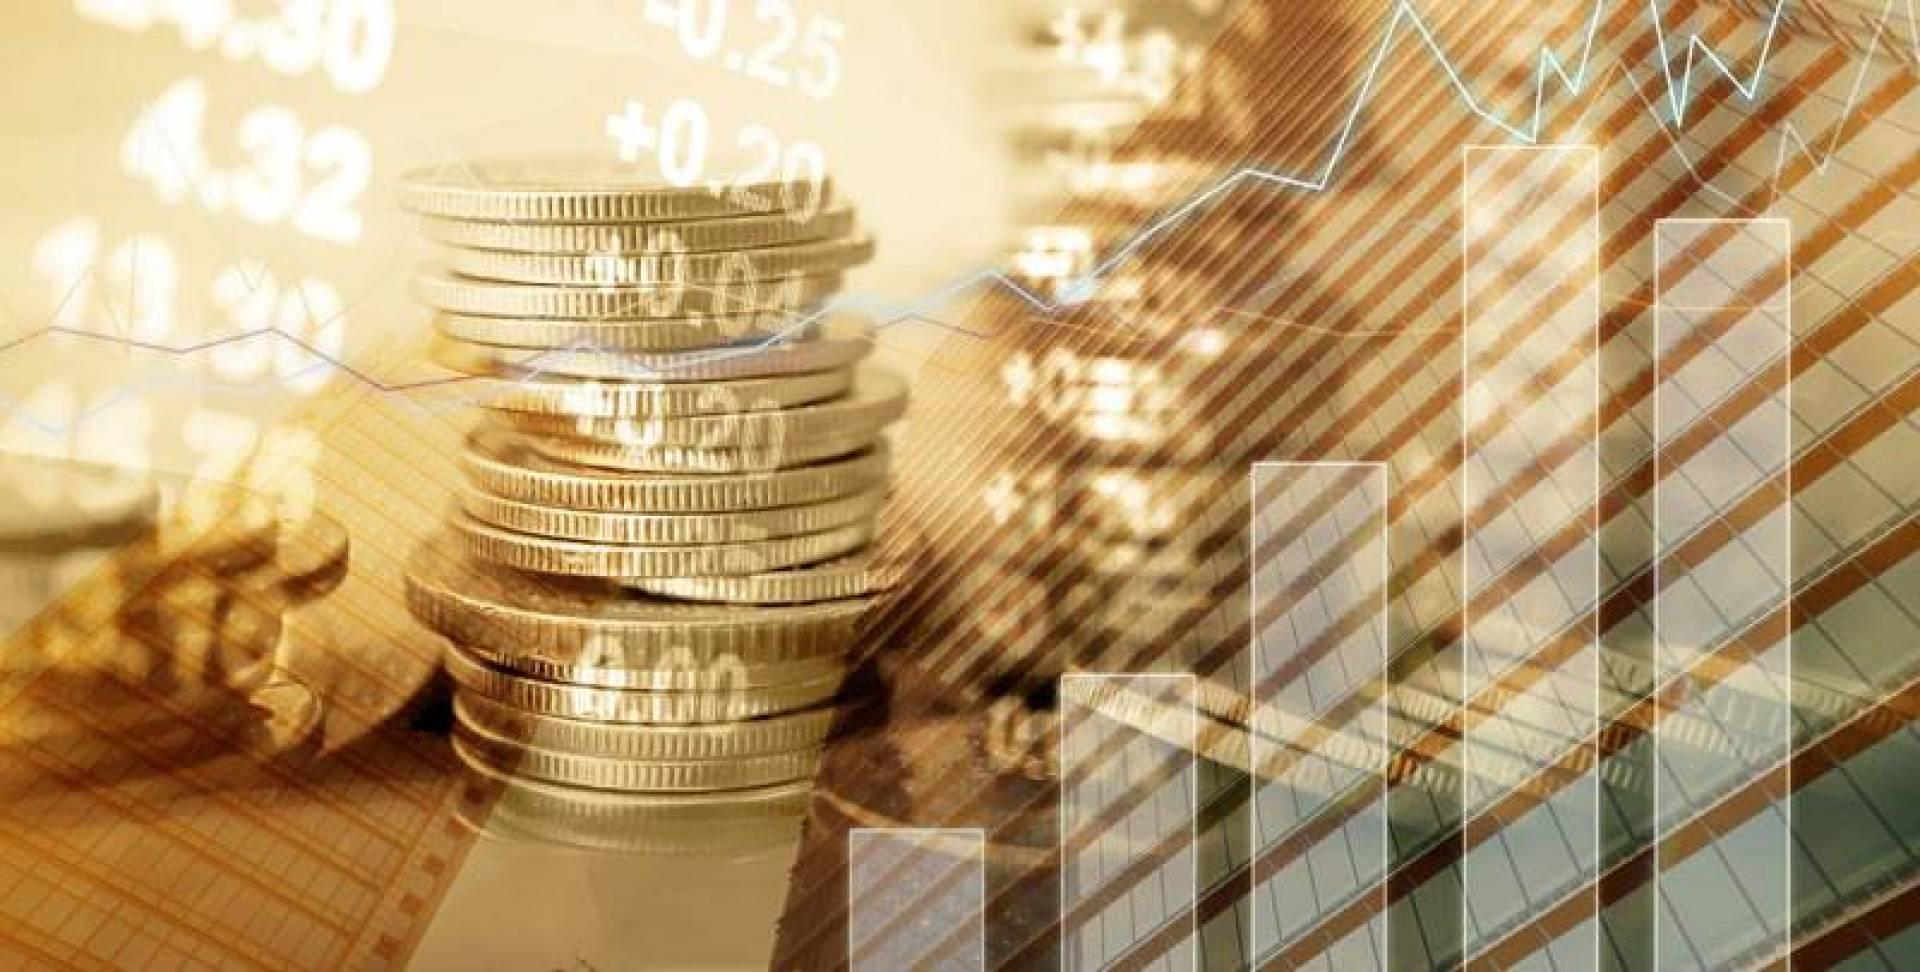 «فيتش»: ربحية وأصول البنوك الإسلامية المحلية تحت الضغط